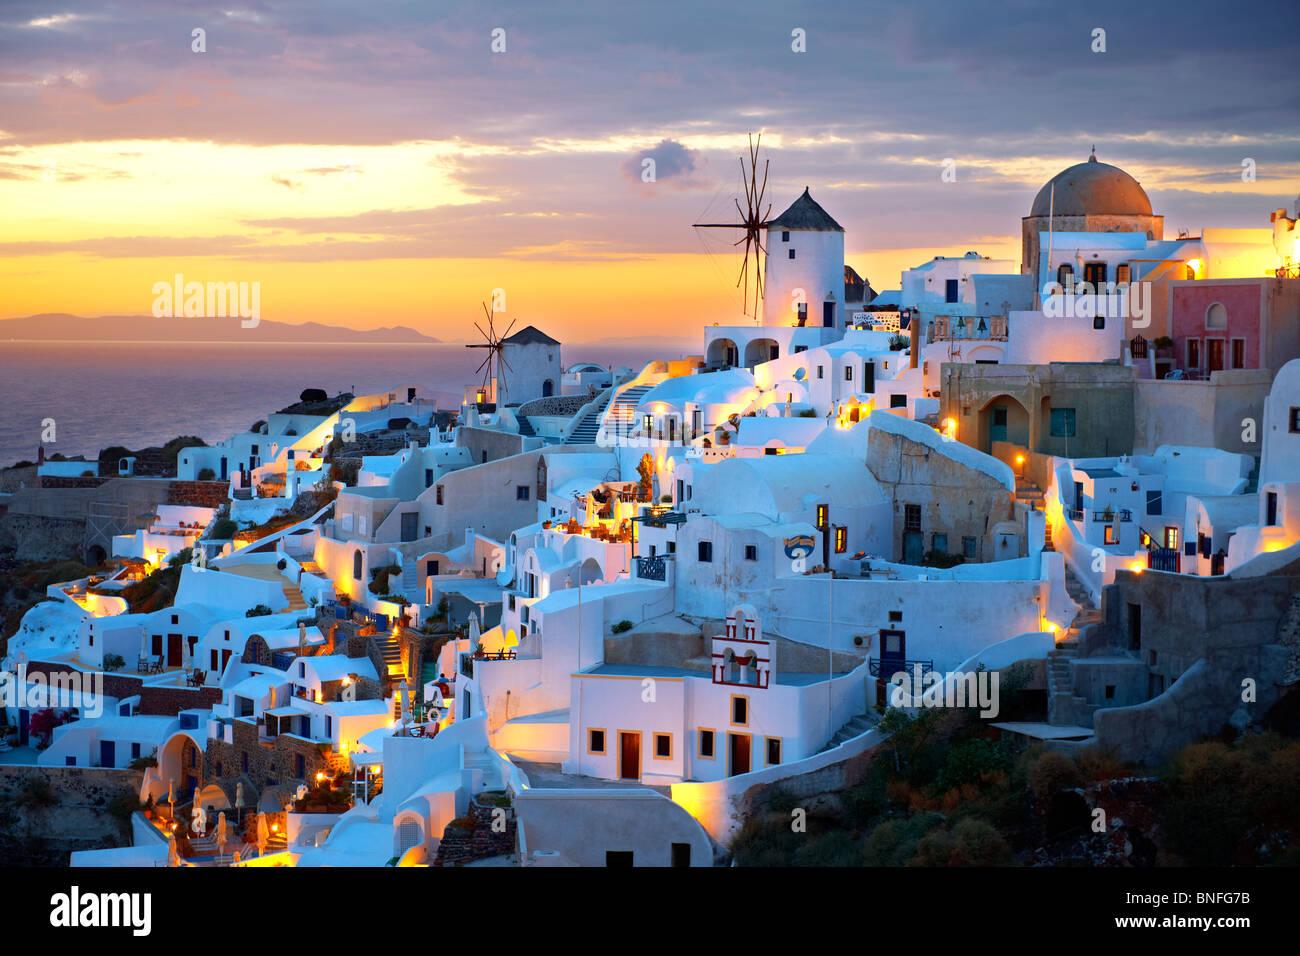 Oia ( Ia ) Santorini - Mulini a vento e la città al tramonto, greco isole Cicladi - foto, foto e immagini Immagini Stock